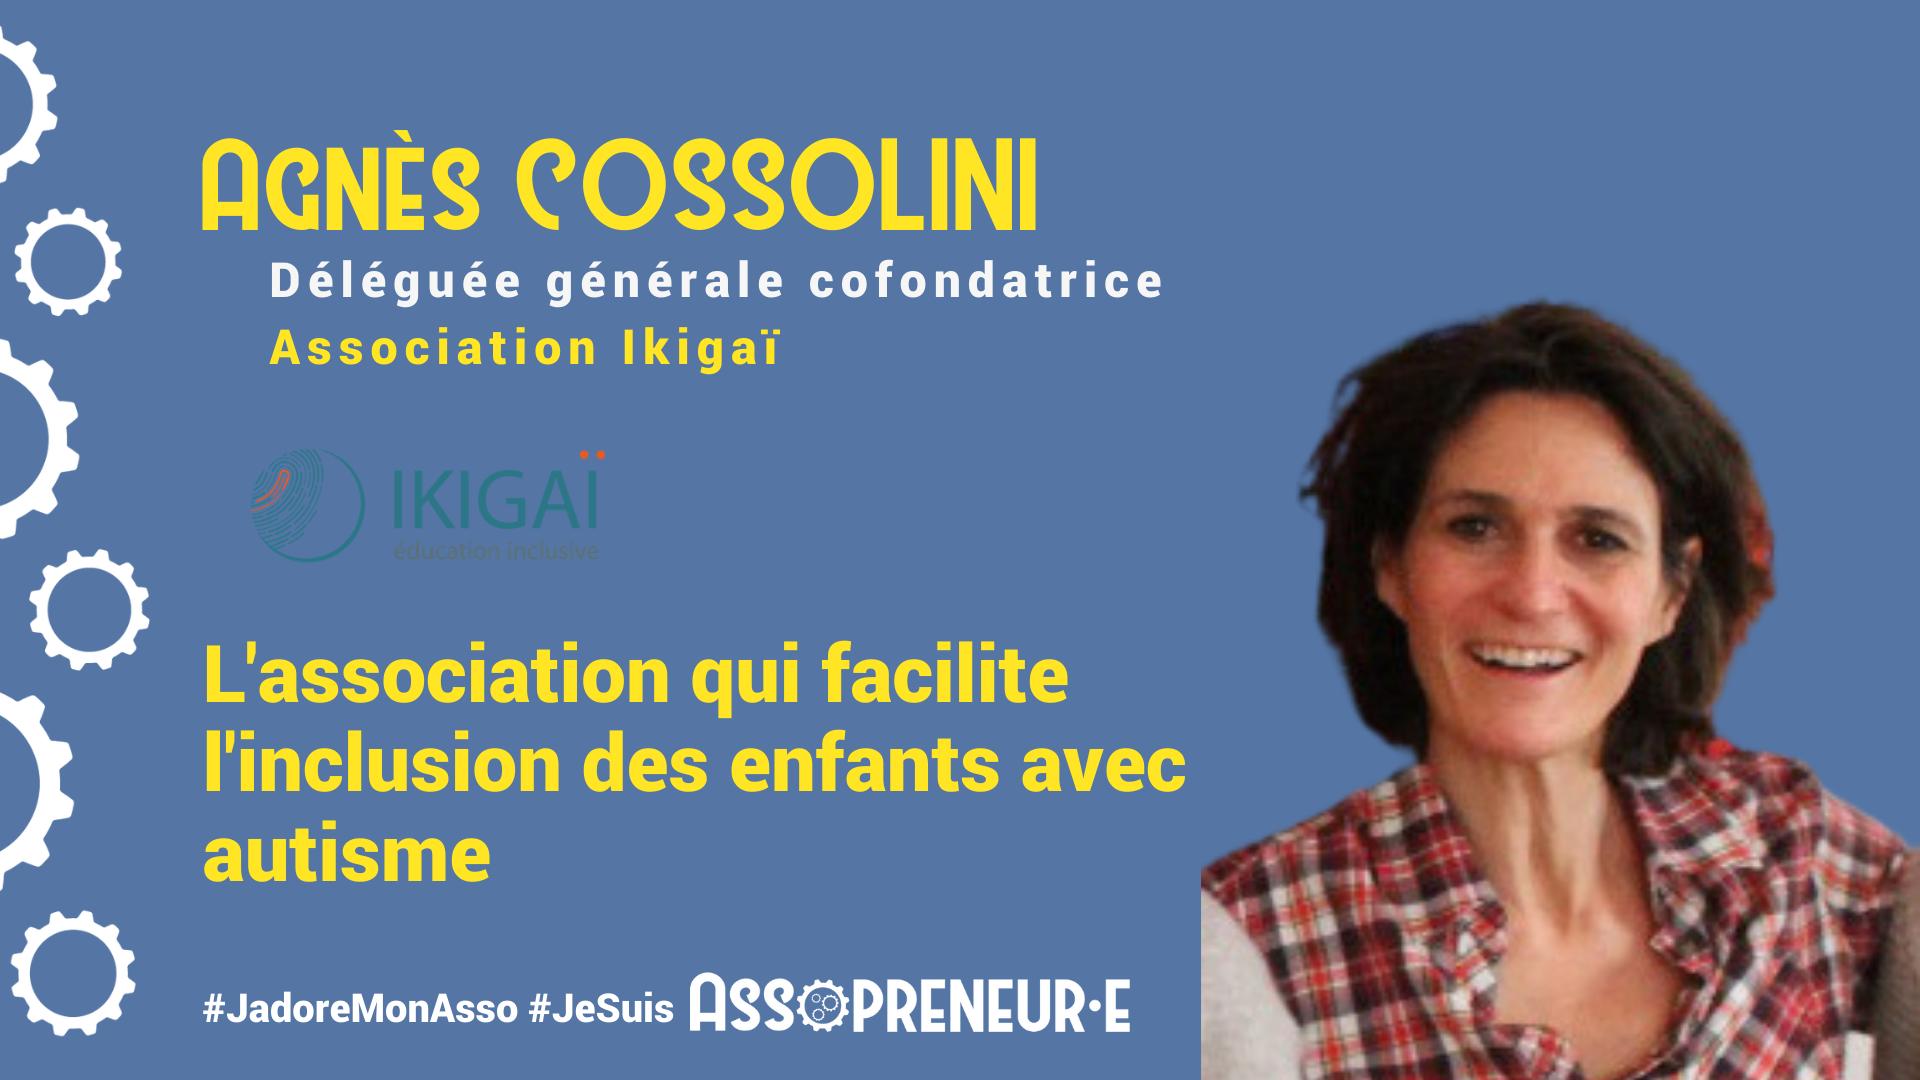 Agnes Cossolini